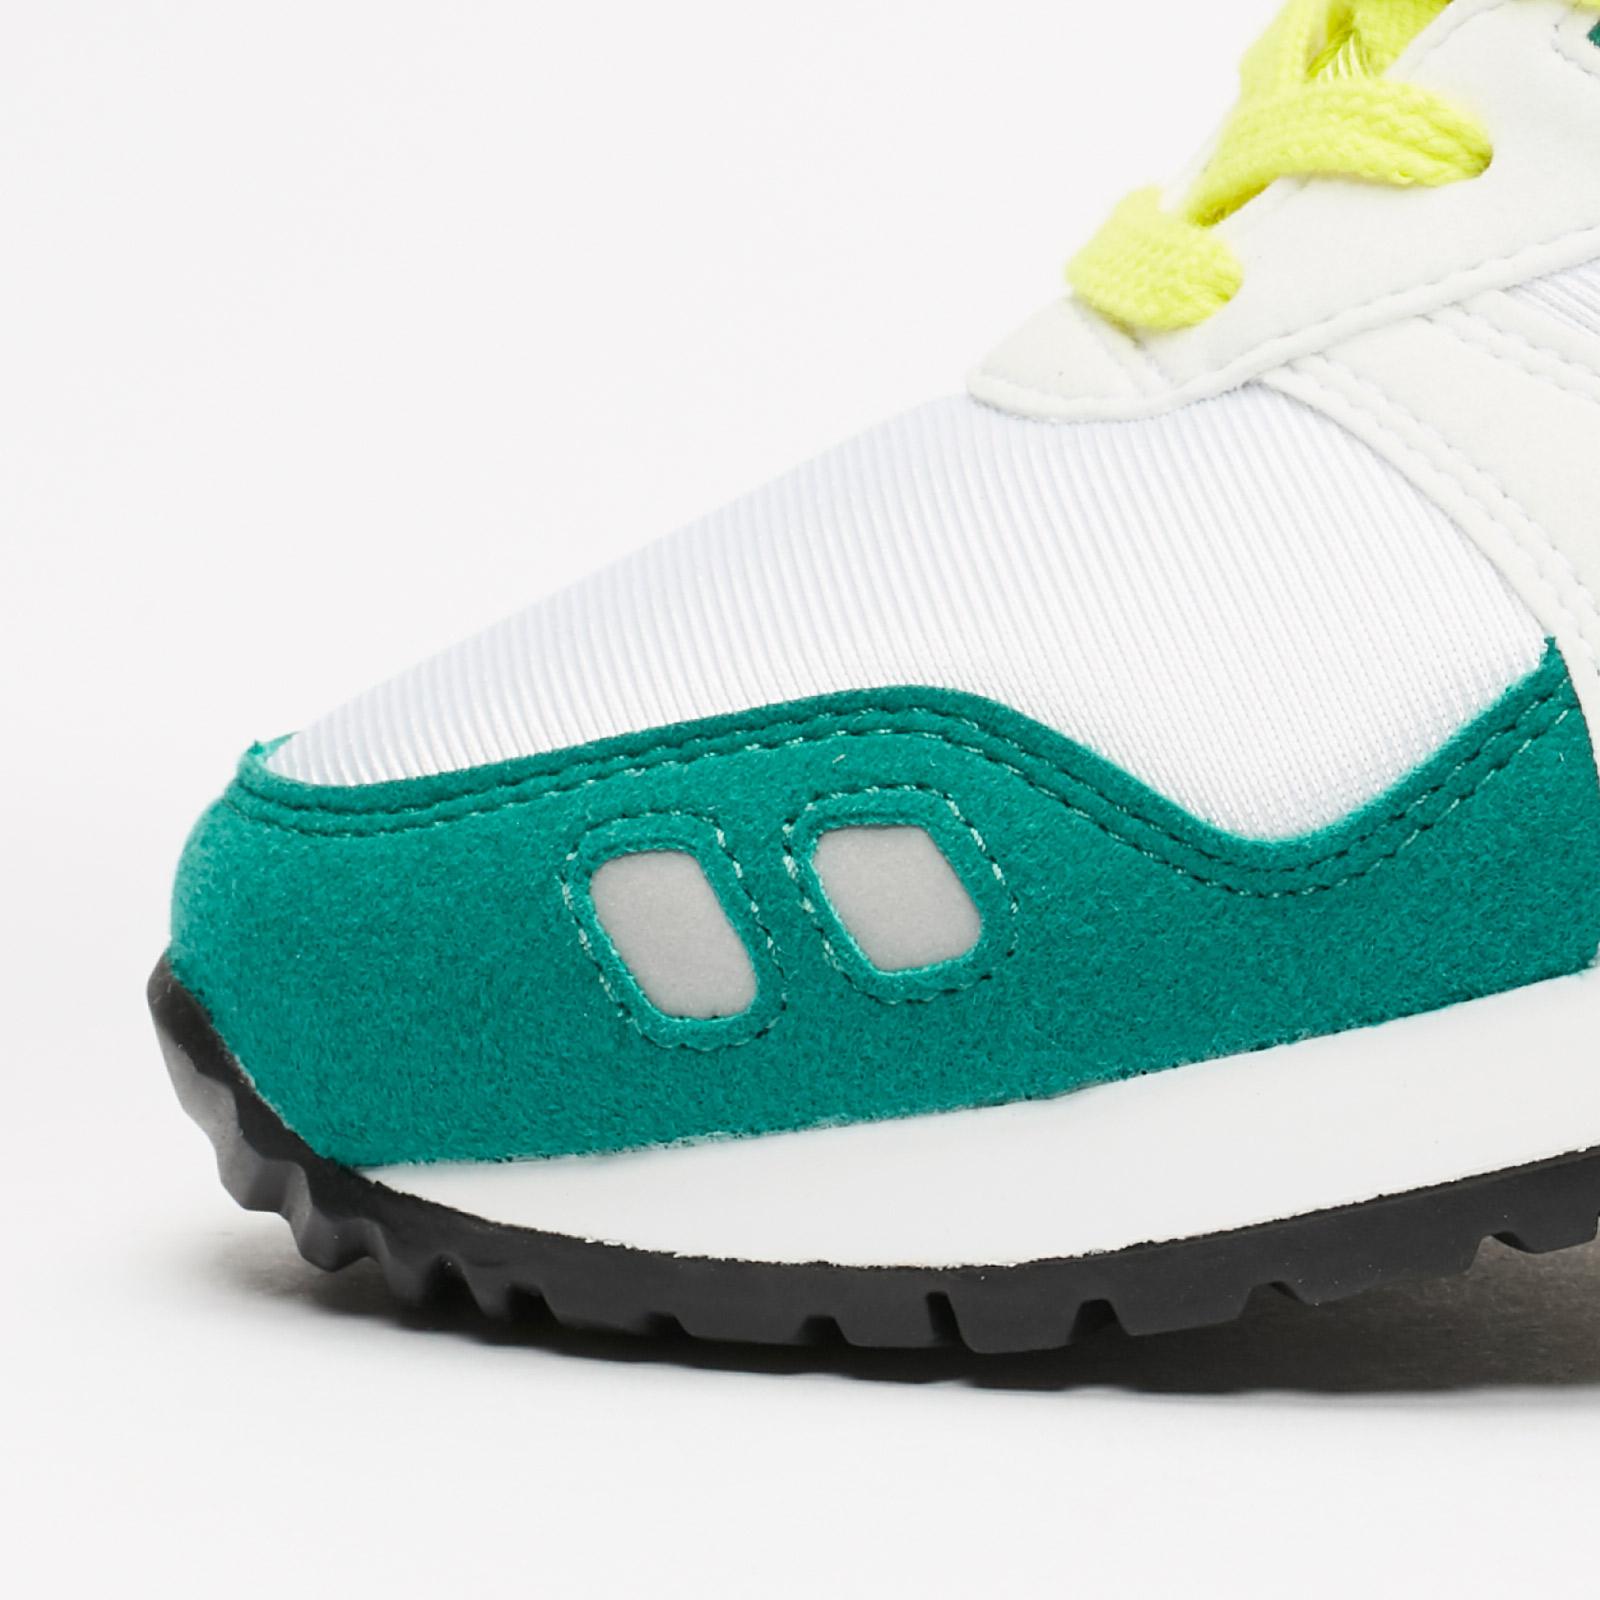 asics schoenen aanbieding